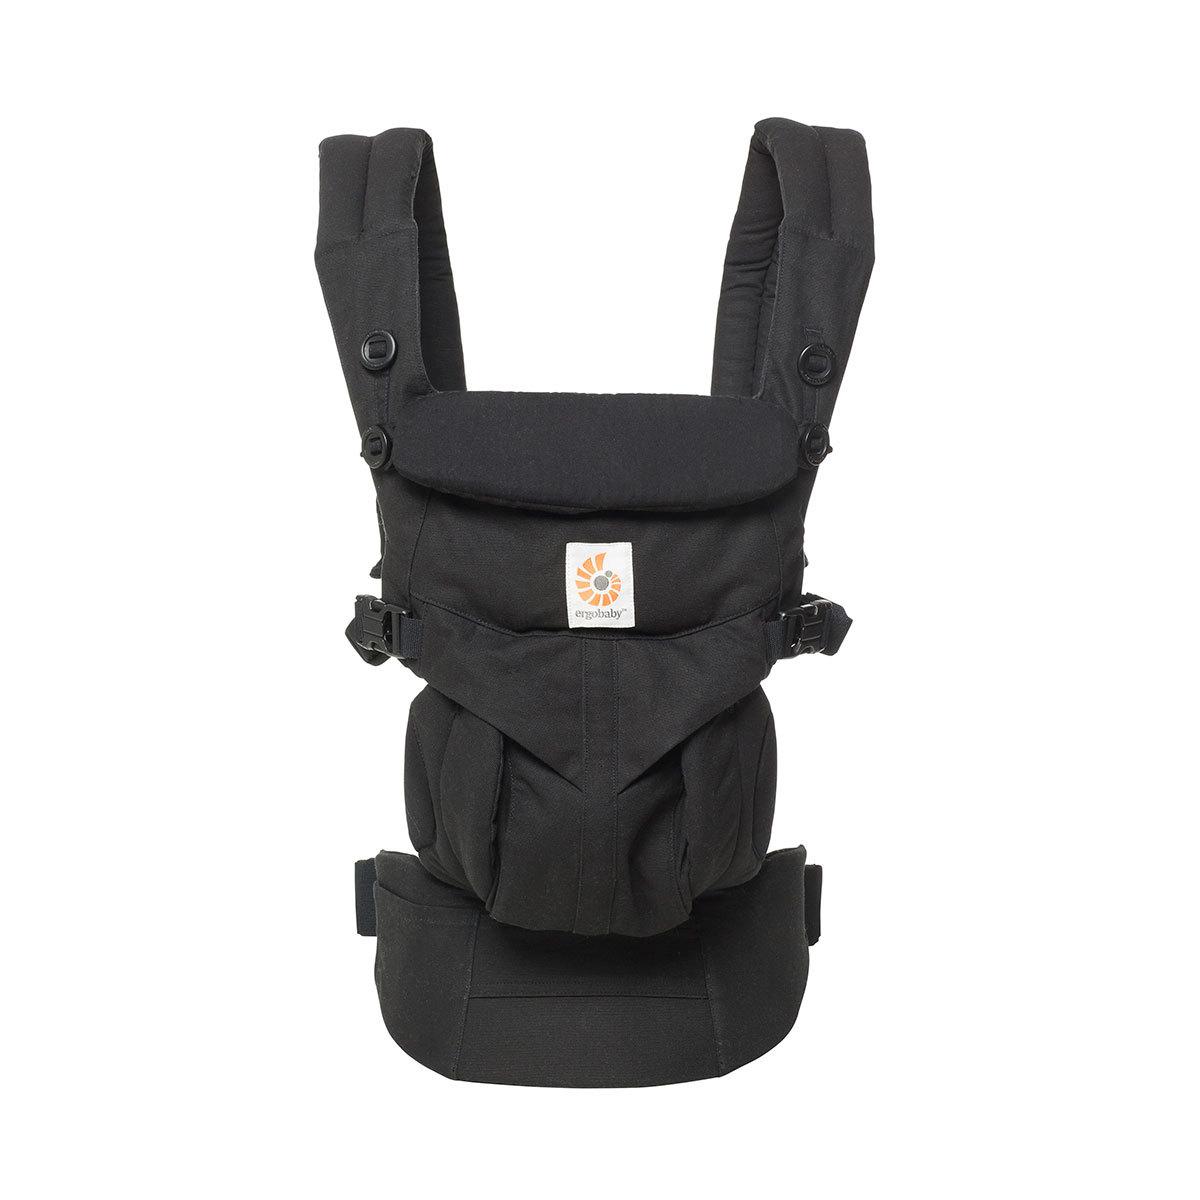 Porte bébé Omni 360 - Noir Intense